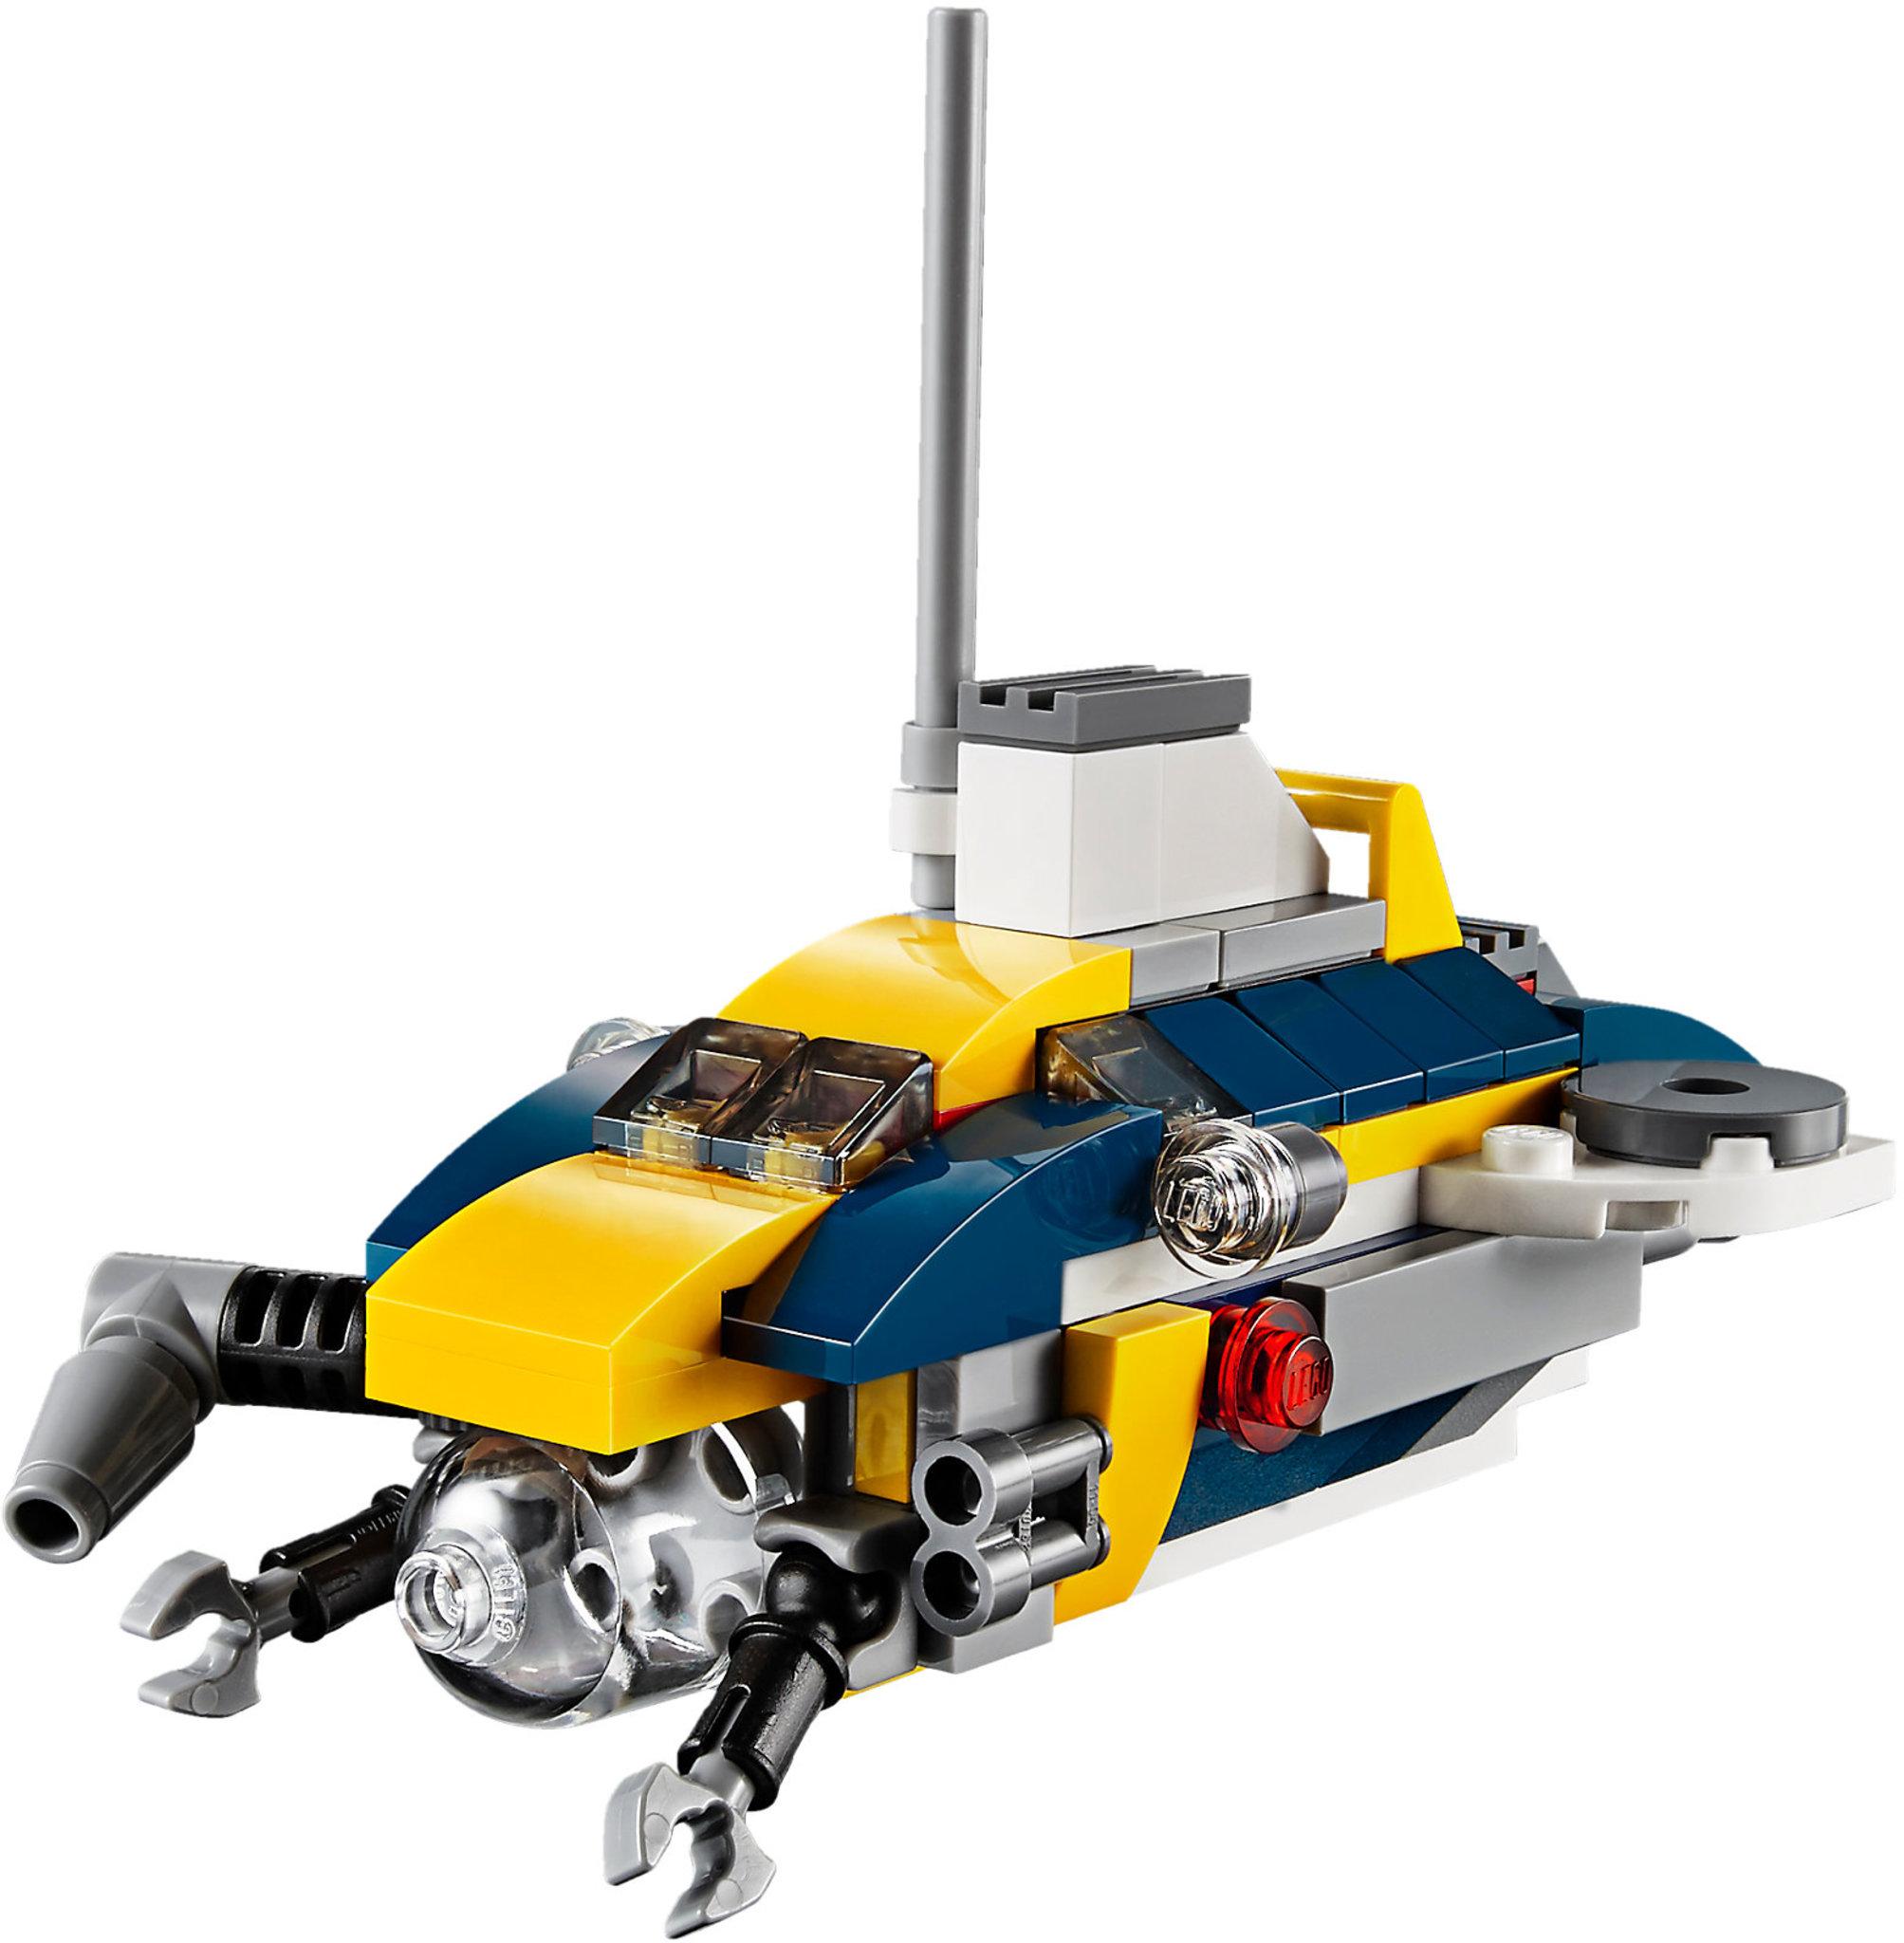 LEGO 31045 LEGO CREATOR L/'ESPLORATORE DELL/' OCEANO